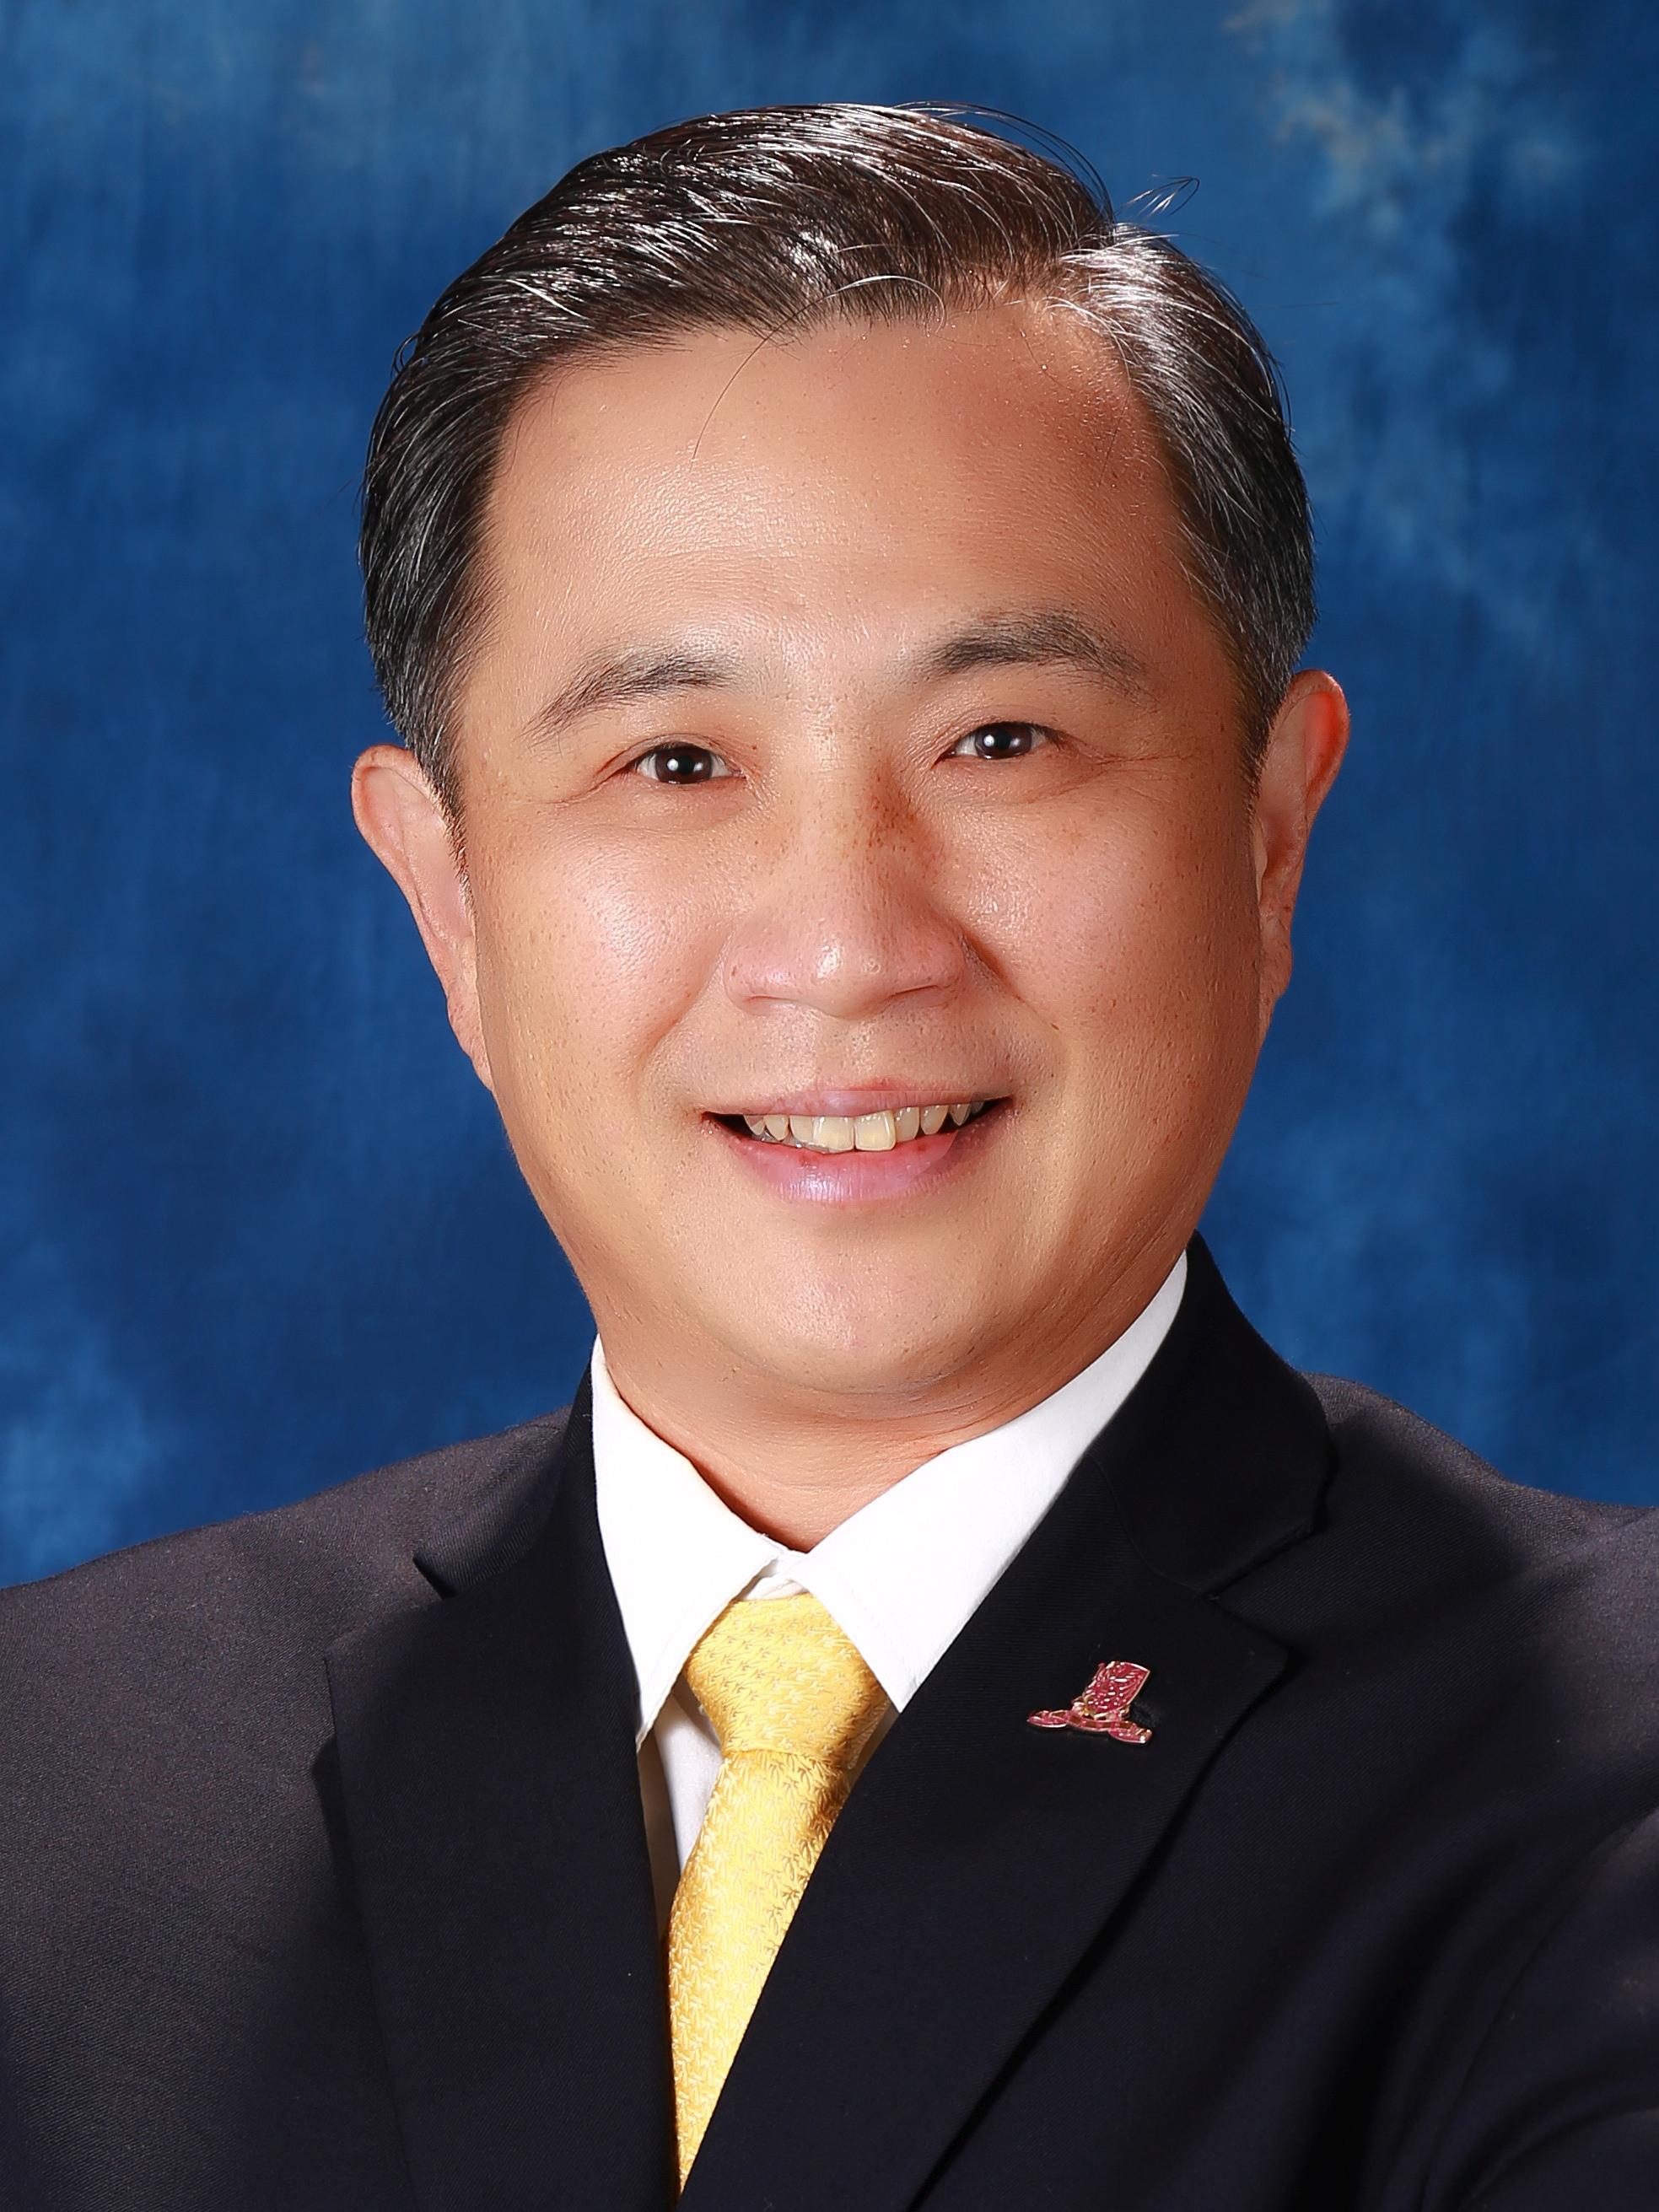 中大計算機科學與工程學系教授金國慶教授